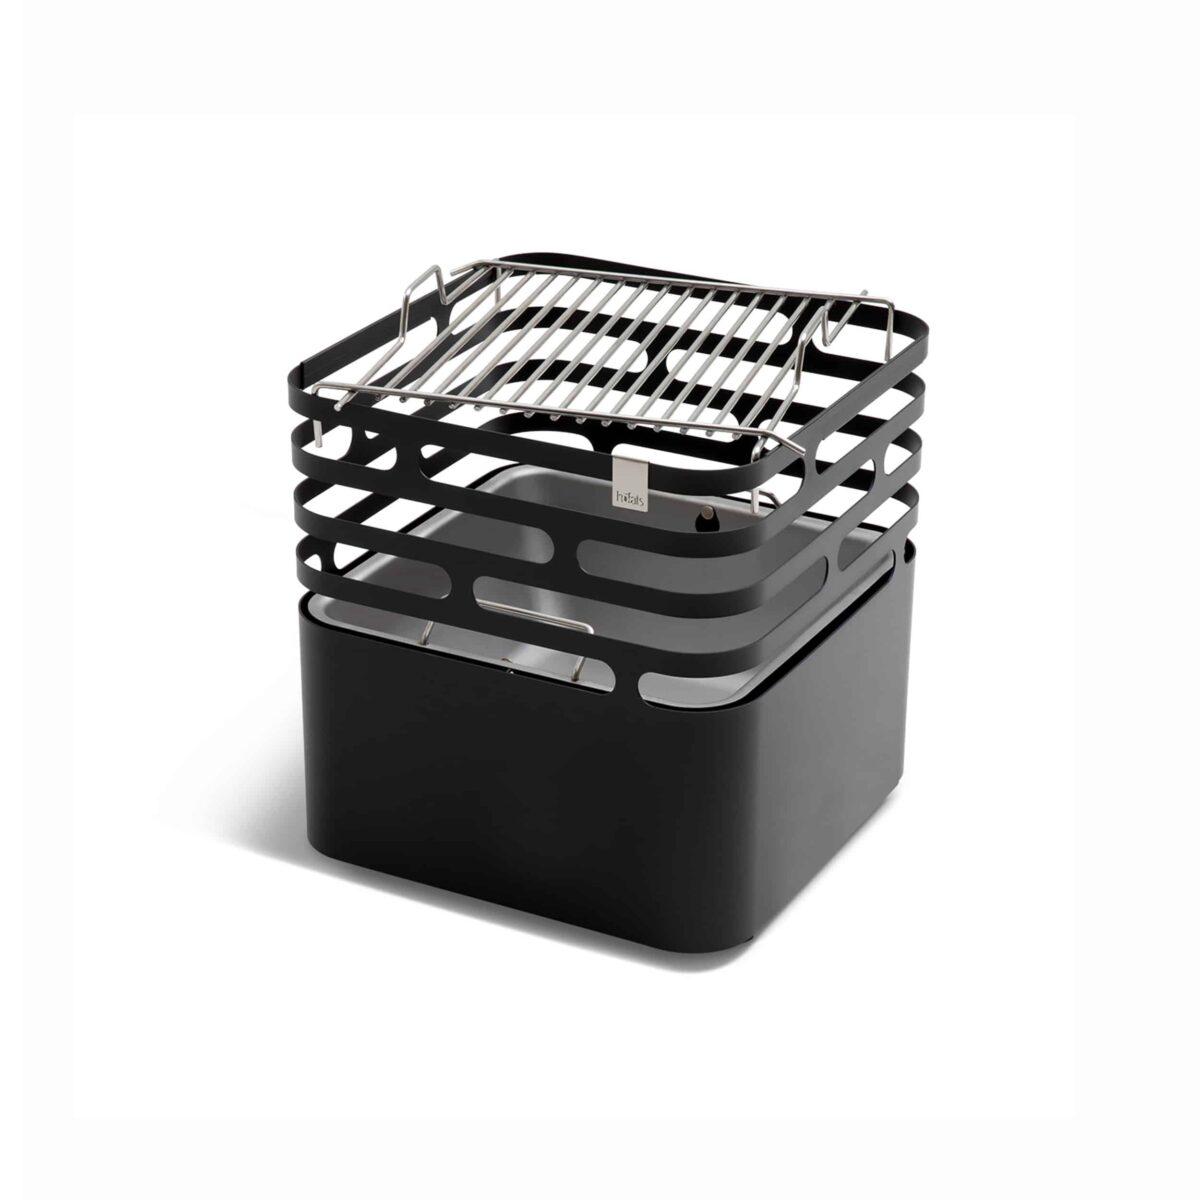 hoefats-cube-fire-basket-002